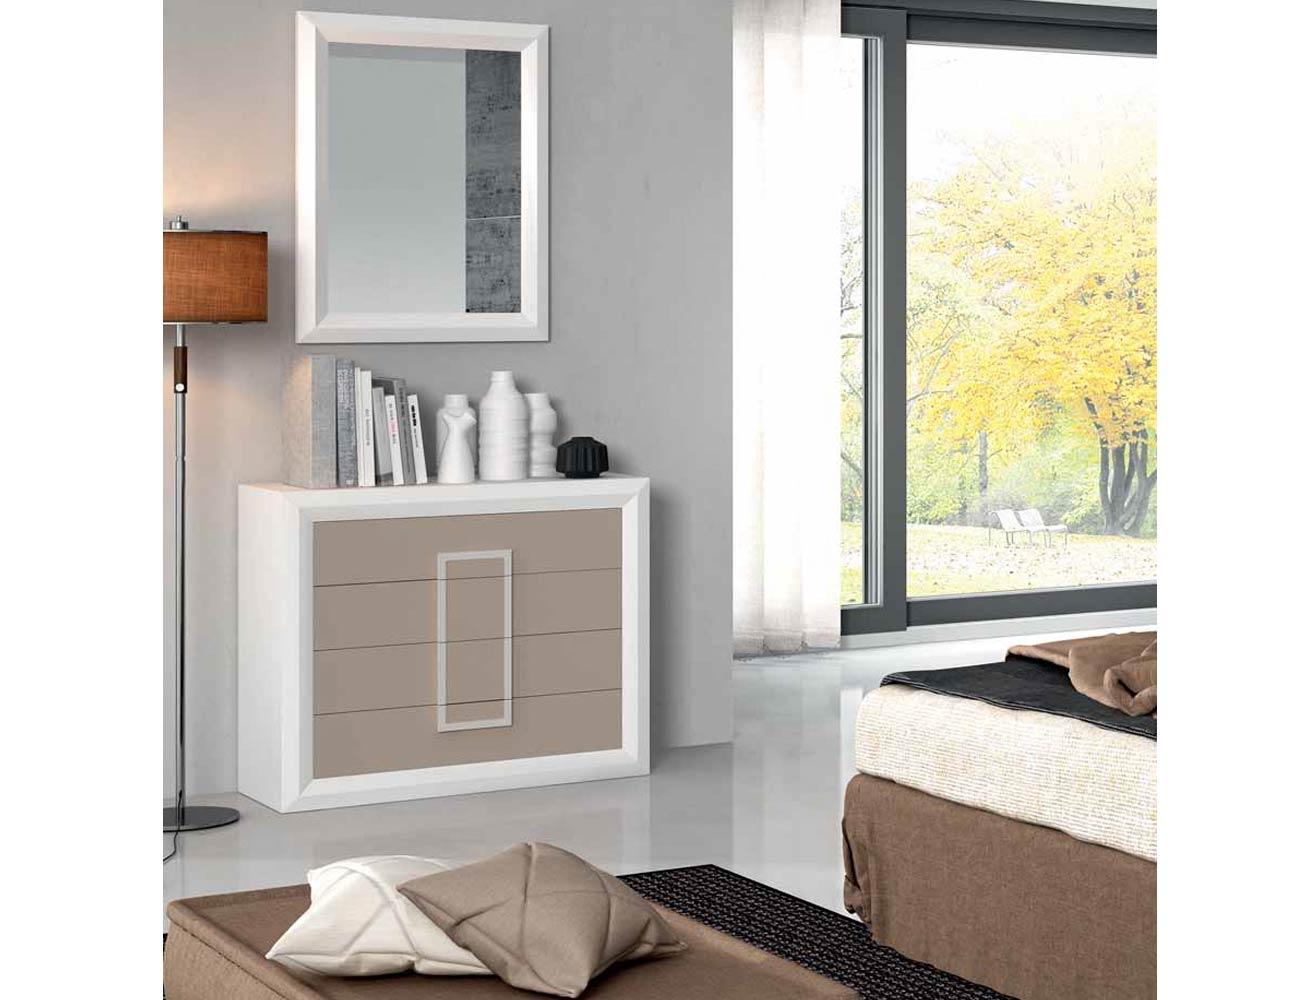 Ambiente06 mueble comoda dormitorio matrimonio marco espejo2